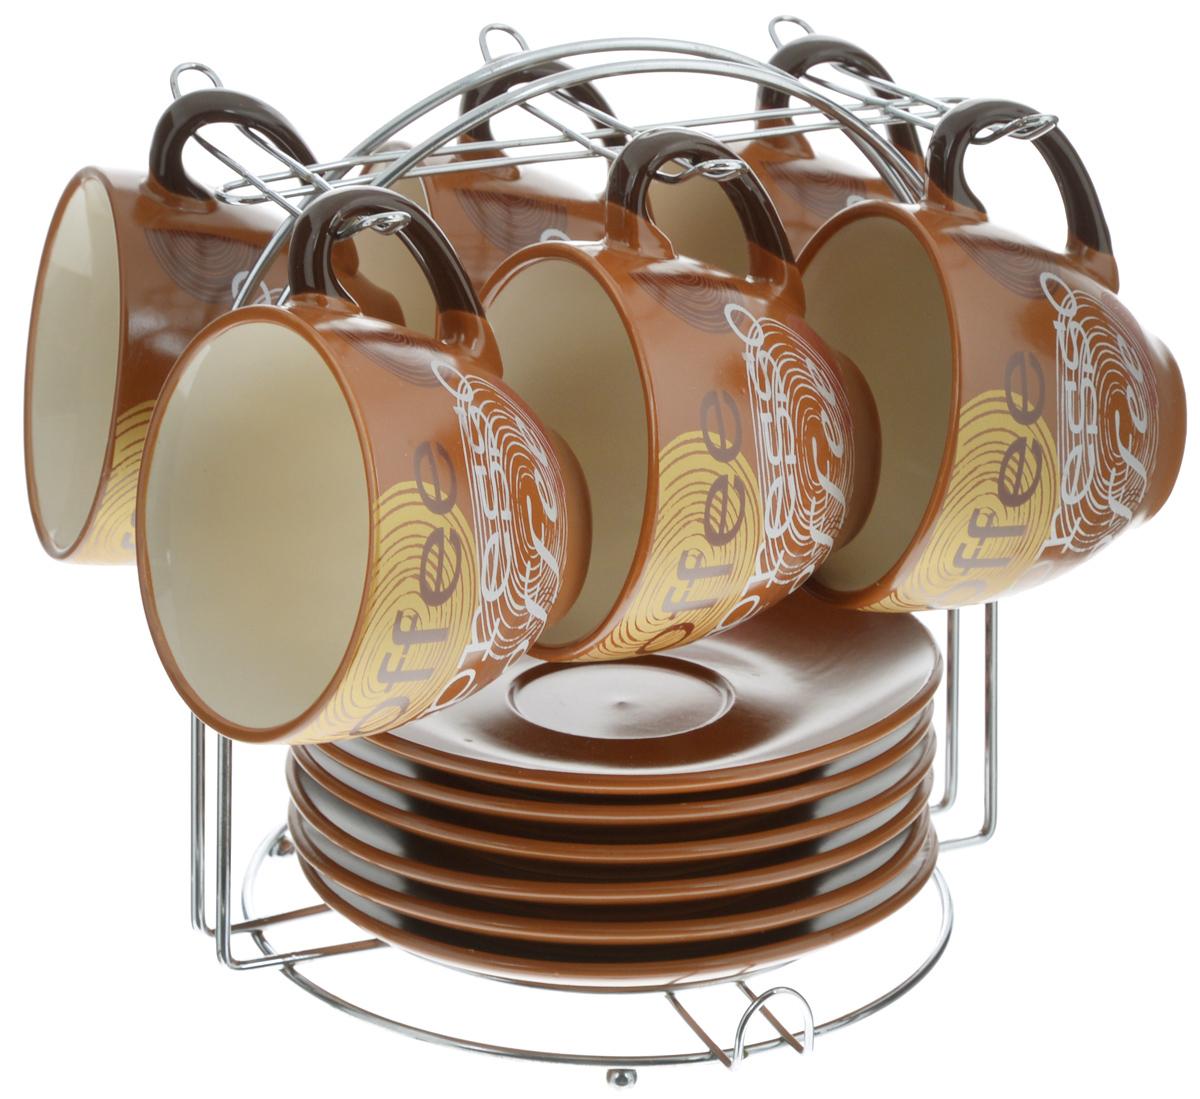 Набор чайный Loraine, на подставке, 13 предметов. 23537VT-1520(SR)Набор Loraine состоит из шести чашек и шести блюдец, изготовленных из высококачественной керамики и оформленных стильным рисунком. Изделия расположены на металлической подставке. Такой набор подходит для подачи чая или кофе.Изящный дизайн придется по вкусу и ценителям классики, и тем, кто предпочитает утонченность и изысканность. Он настроит на позитивный лад и подарит хорошее настроение с самого утра. Чайный набор Loraine - идеальный и необходимый подарок для вашего дома и для ваших друзей в праздники.Можно использовать в микроволновой печи, также мыть в посудомоечной машине. Объем чашки: 220 мл. Диаметр чашки по верхнему краю: 9 см. Высота чашки: 7,5 см. Диаметр блюдца: 14,5 см. Высота блюдца: 2,2 см.Размер подставки: 19 х 19,5 х 21 см.